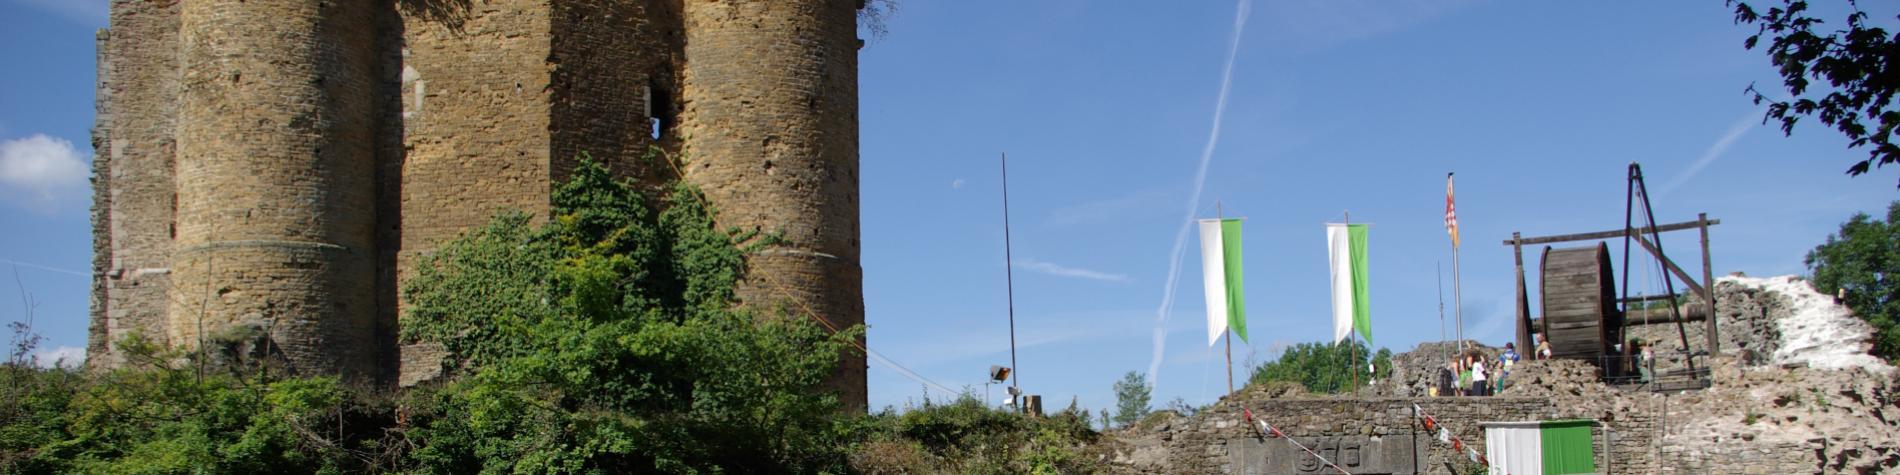 Foire médiévale de Franchimont à Theux